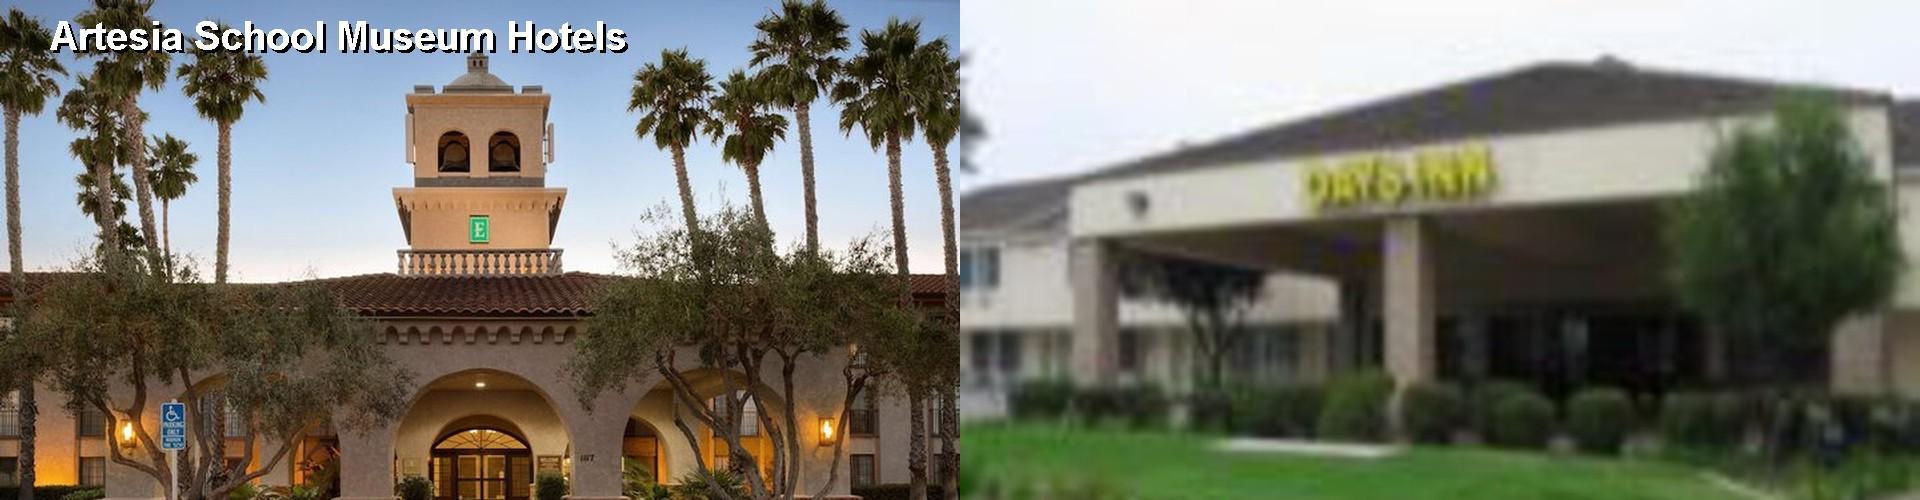 58 Hotels Near Artesia School Museum In Lompoc Ca